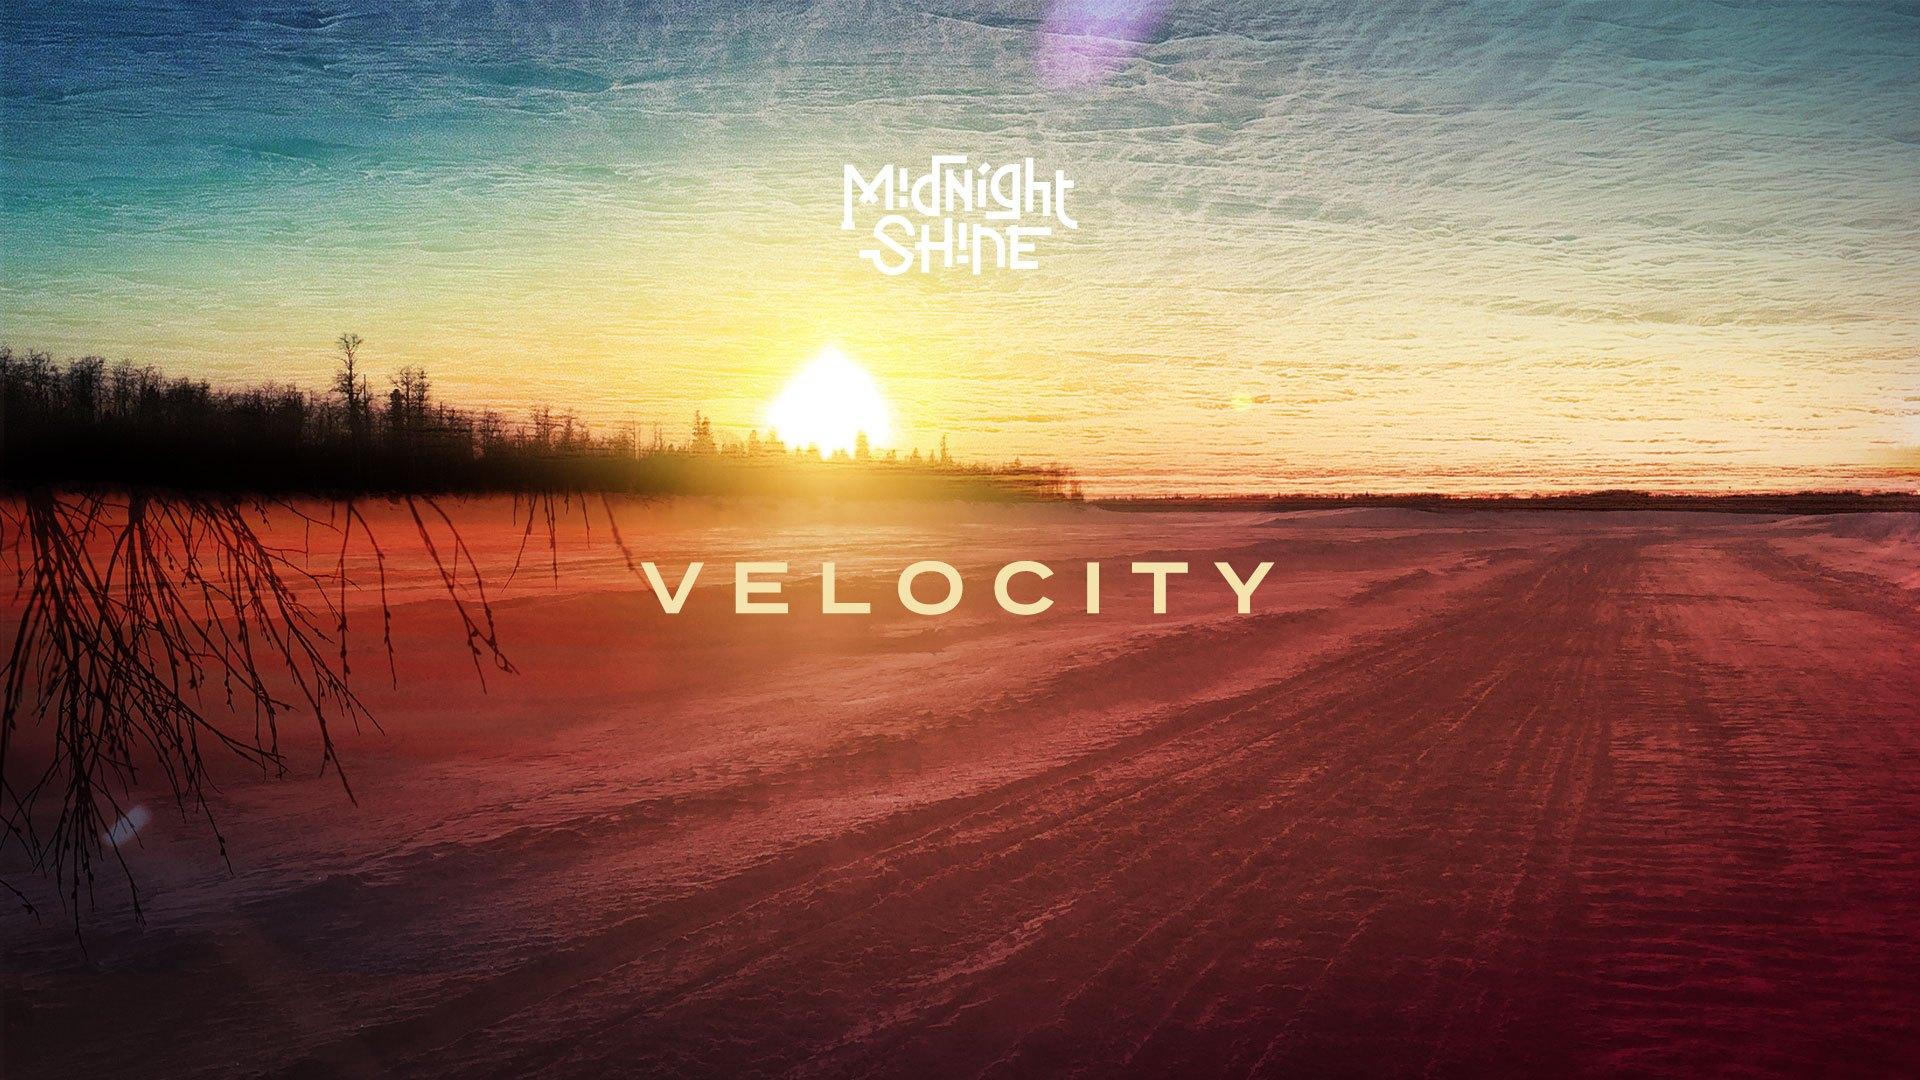 Velocity - Wallpaper for desktop